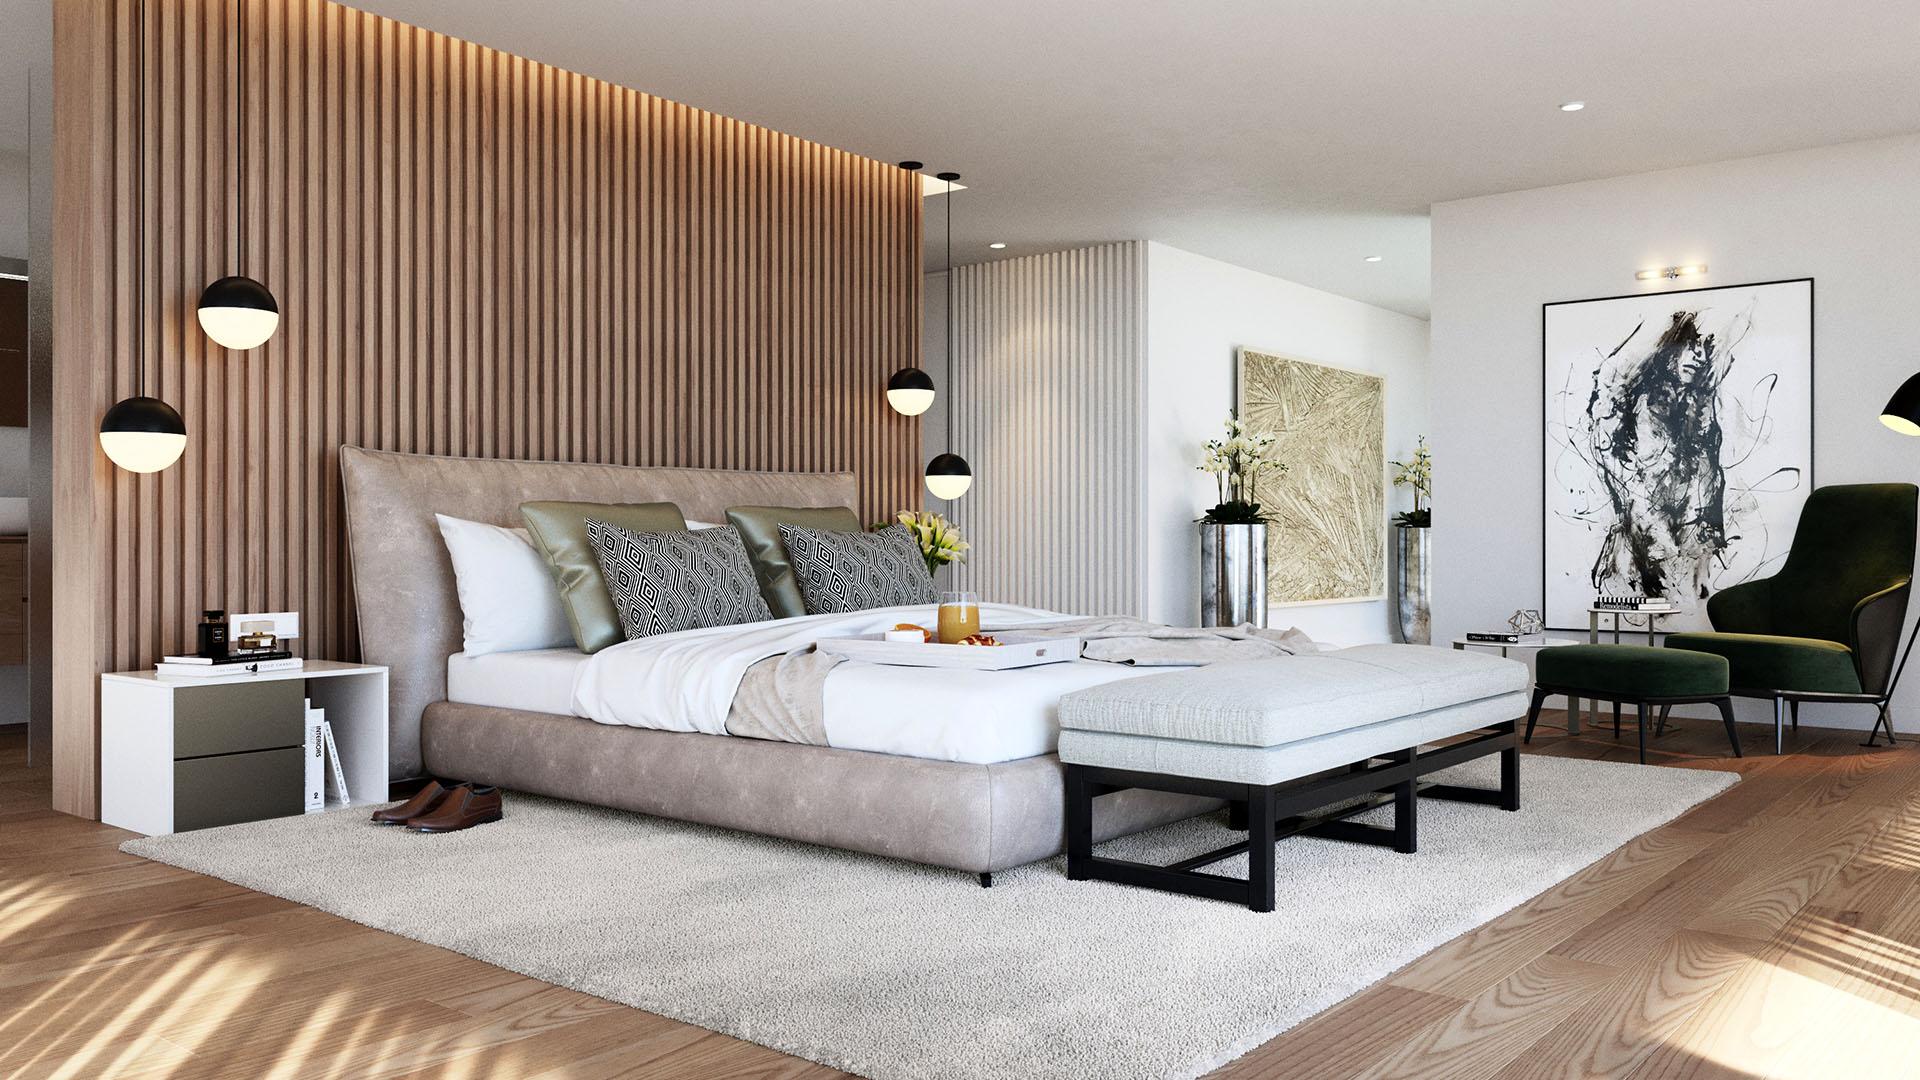 Villa Las Nubes: Modern luxury villa in Sotogrande